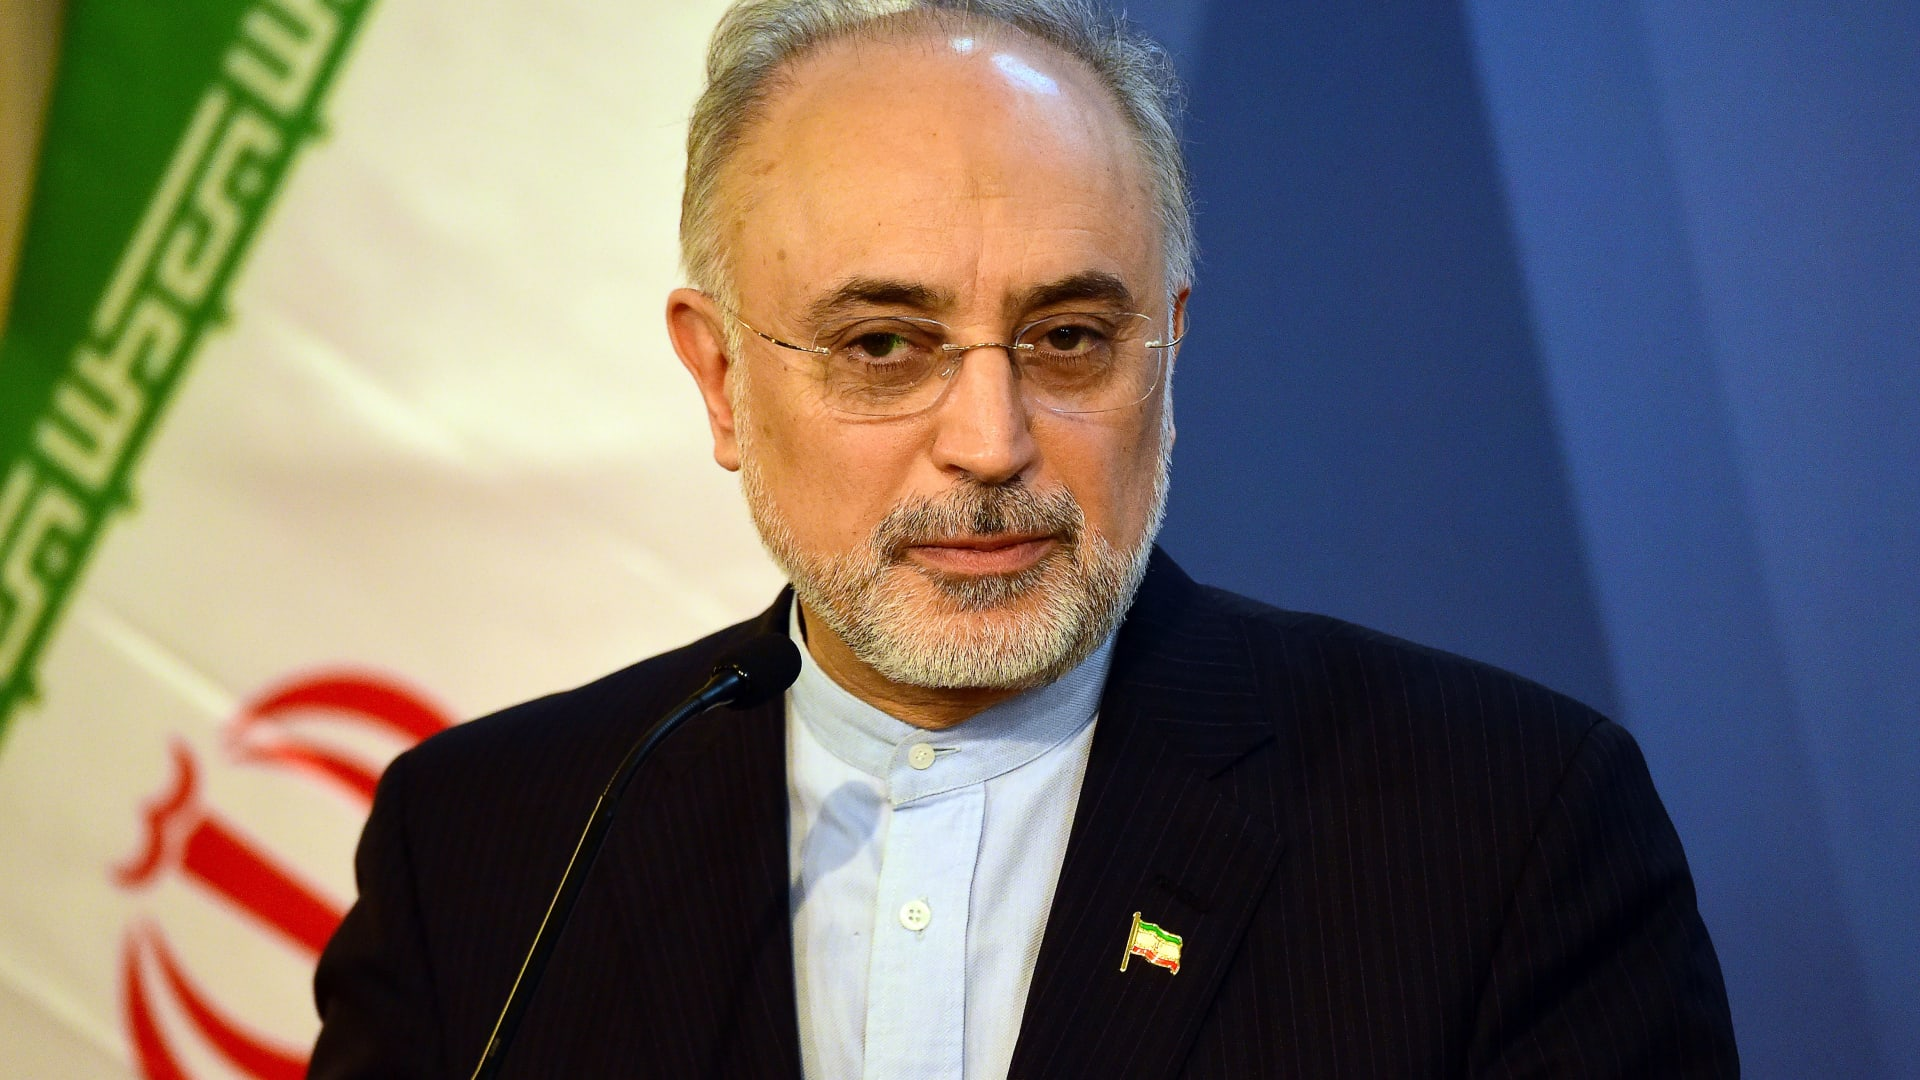 ما هي آخر مستجدات إنقاذ الاتفاق النووي الإيراني؟